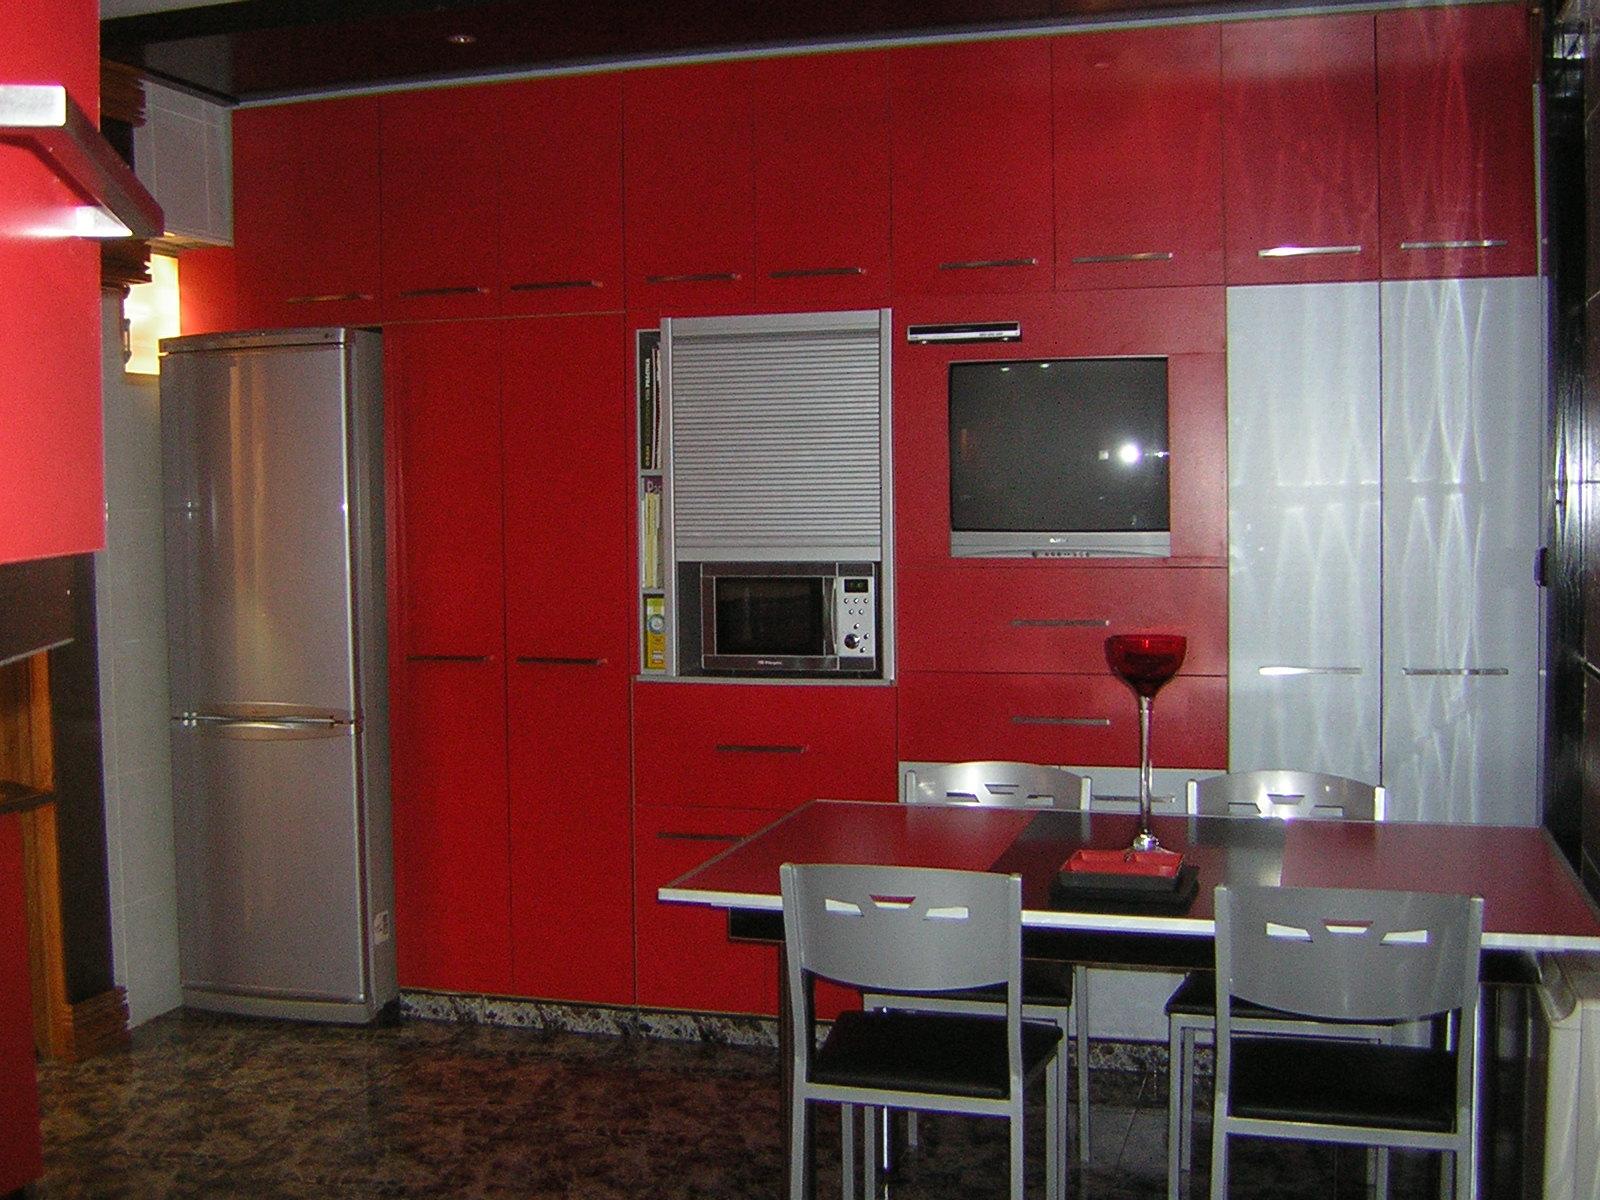 Carpinter a juan miguel cocina en rojo y negro - Cocinas en rojo ...